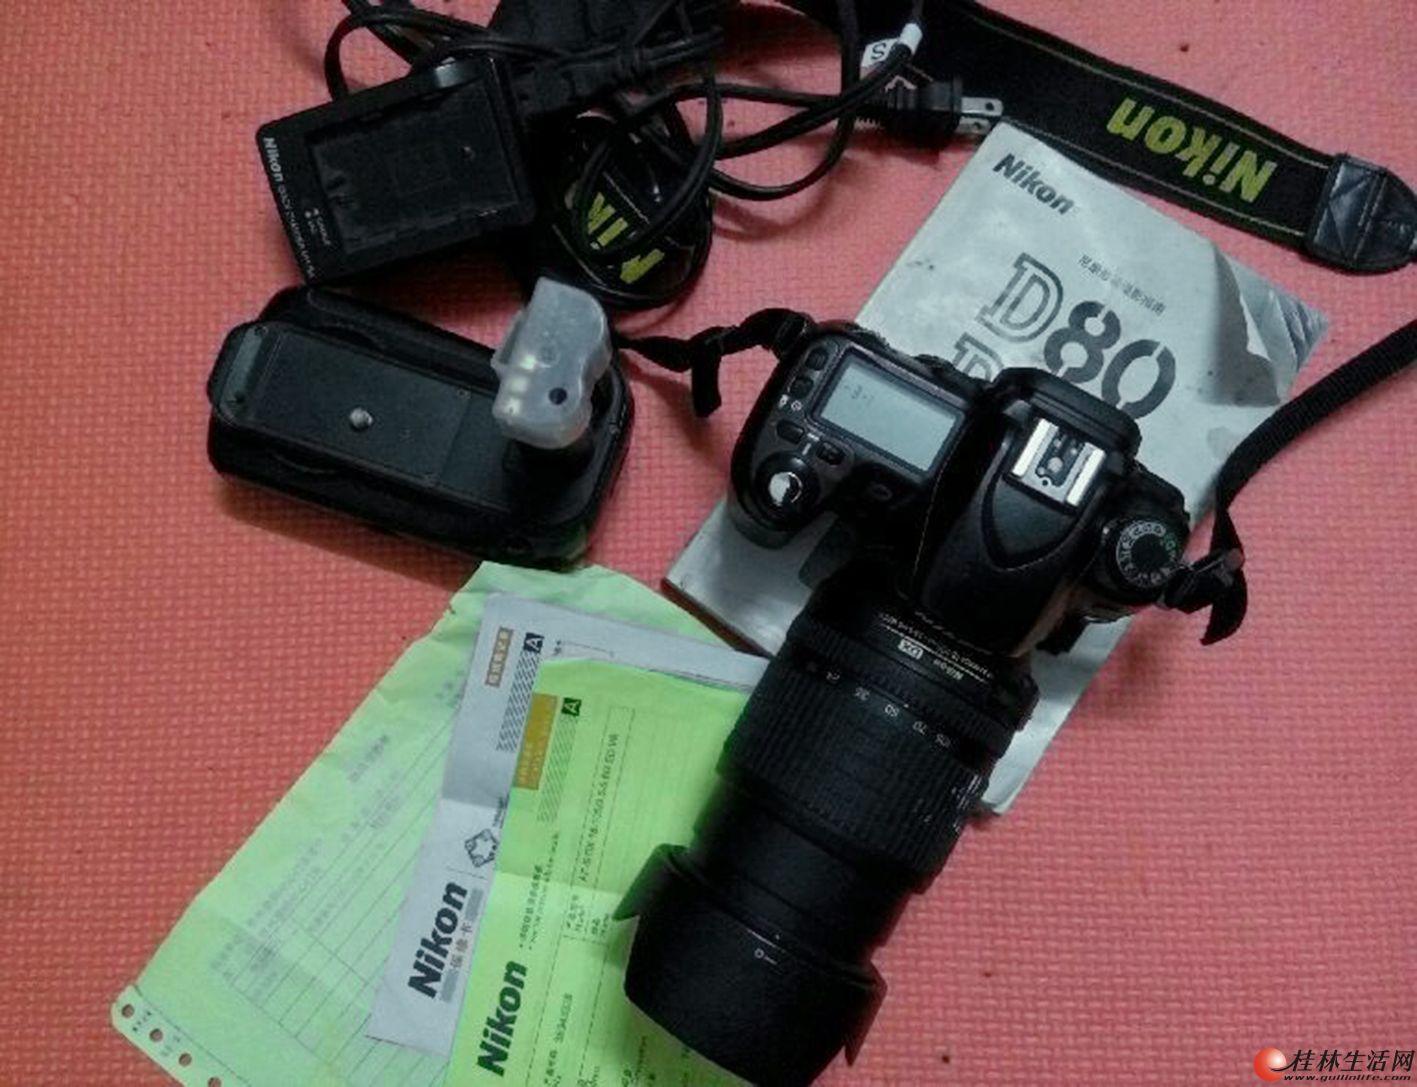 急出尼康D80数码单反相机,配有18~105防抖镜头,一套便宜卖